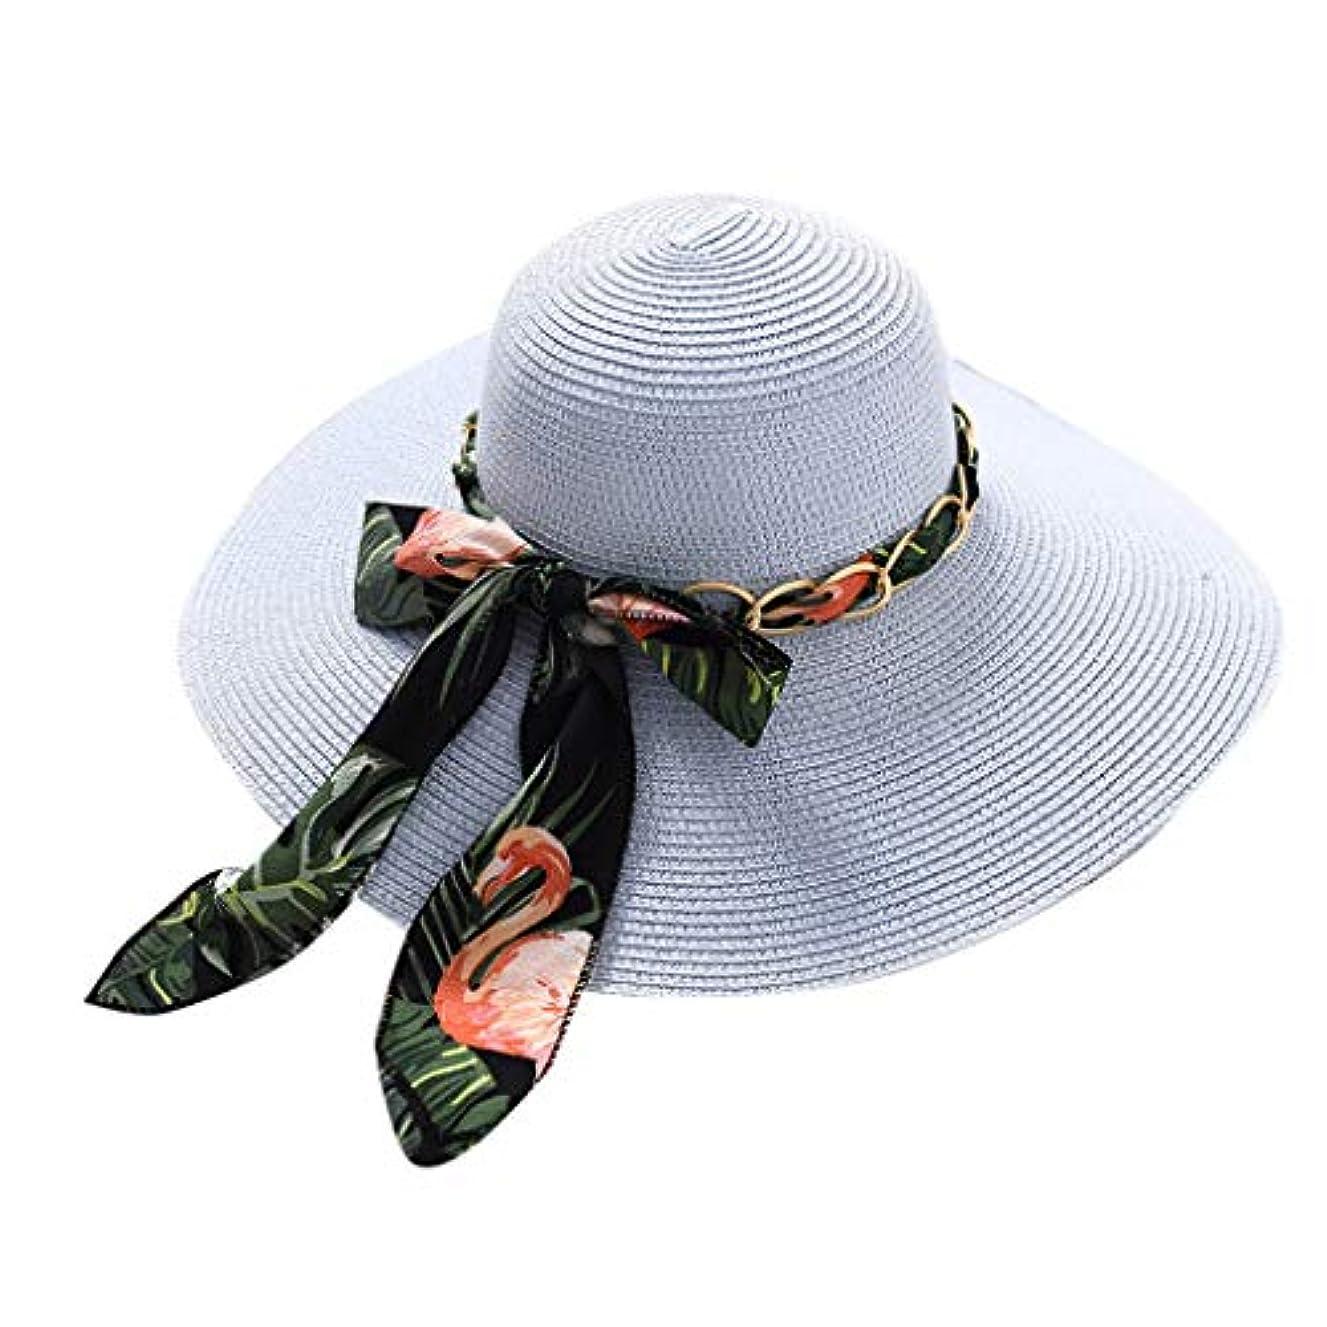 もっともらしいハミングバードクラックポットファッション小物 夏 帽子 レディース UVカット 帽子 ハット レディース 紫外線対策 日焼け防止 取り外すあご紐 つば広 おしゃれ 可愛い 夏季 折りたたみ サイズ調節可 旅行 女優帽 小顔効果抜群 ROSE ROMAN